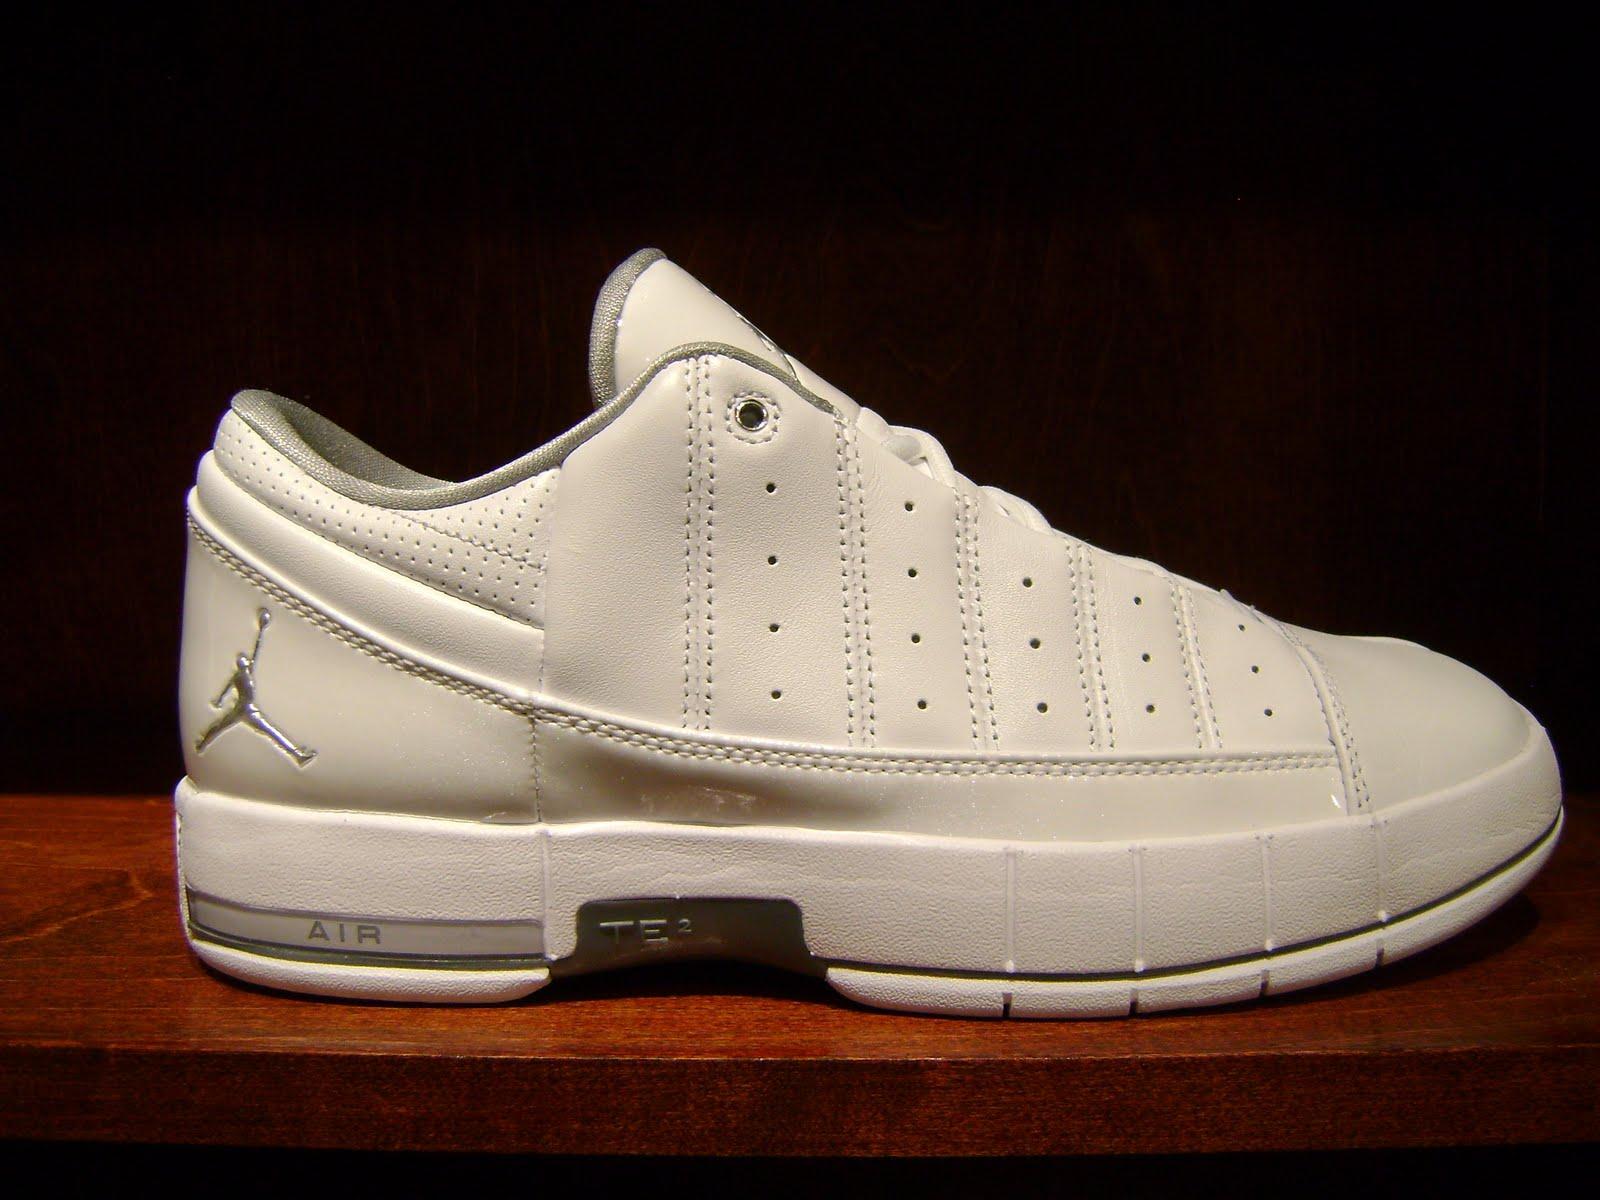 new style da179 161a8 Air Jordan Te2s Nike Air Max Carlo   Traffic School Online